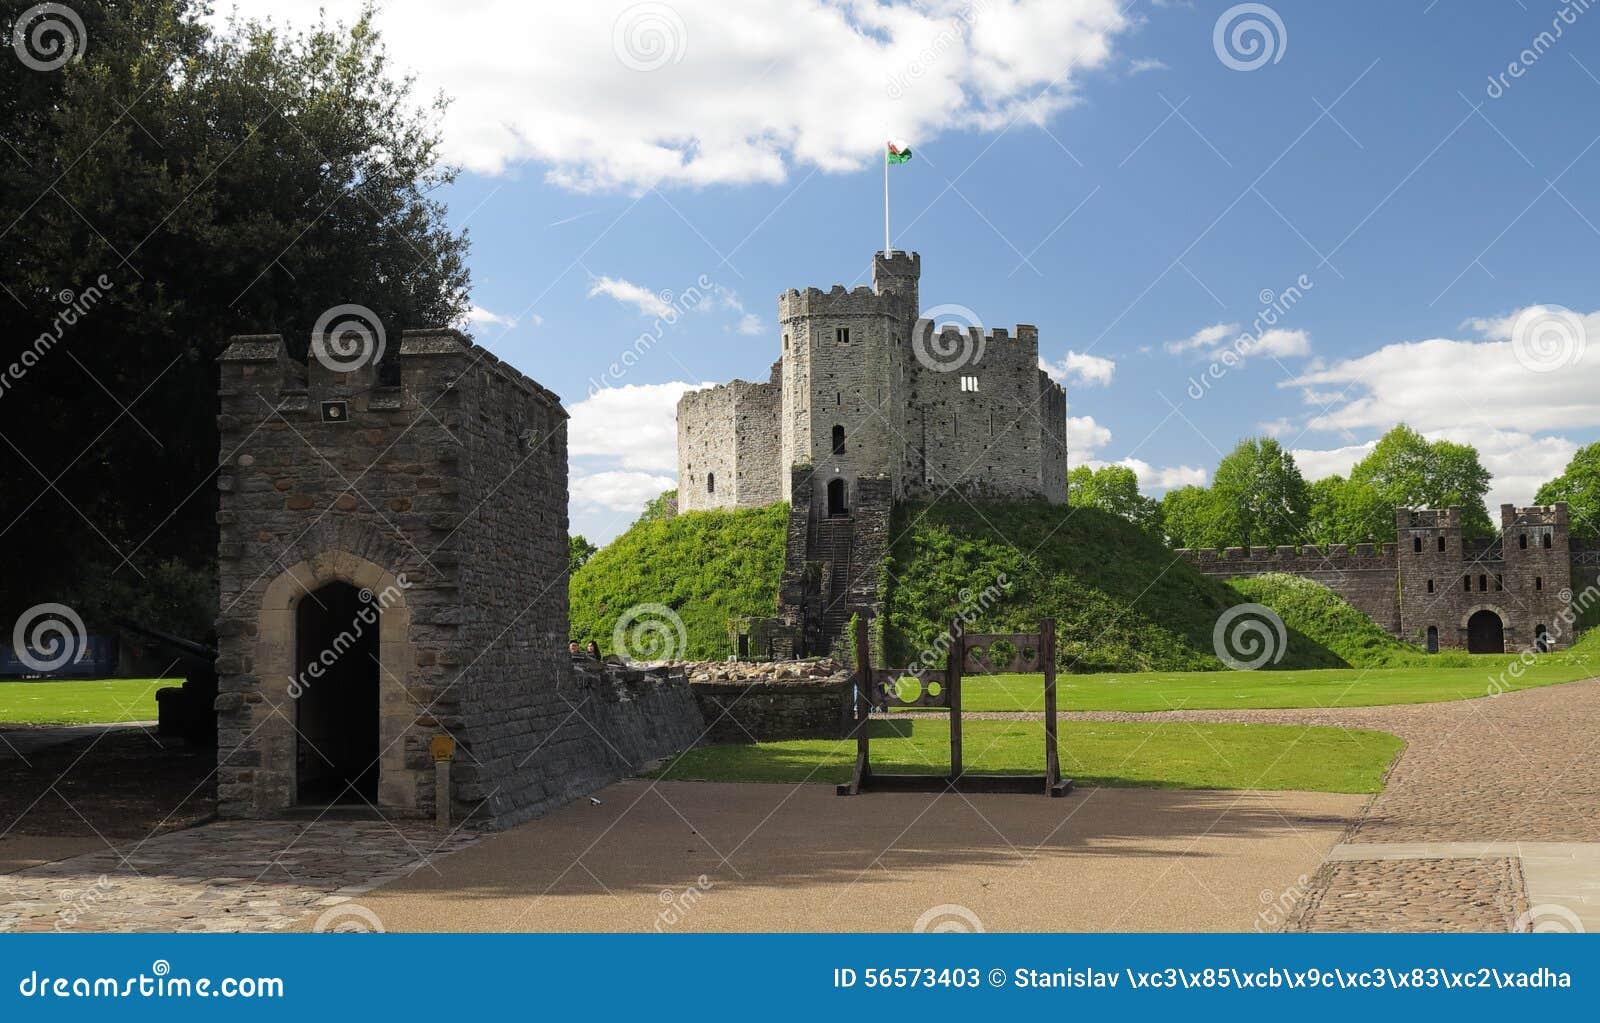 Download Προαύλιο του κάστρου του Κάρντιφ Στοκ Εικόνα - εικόνα από ιστορία, πέτρα: 56573403